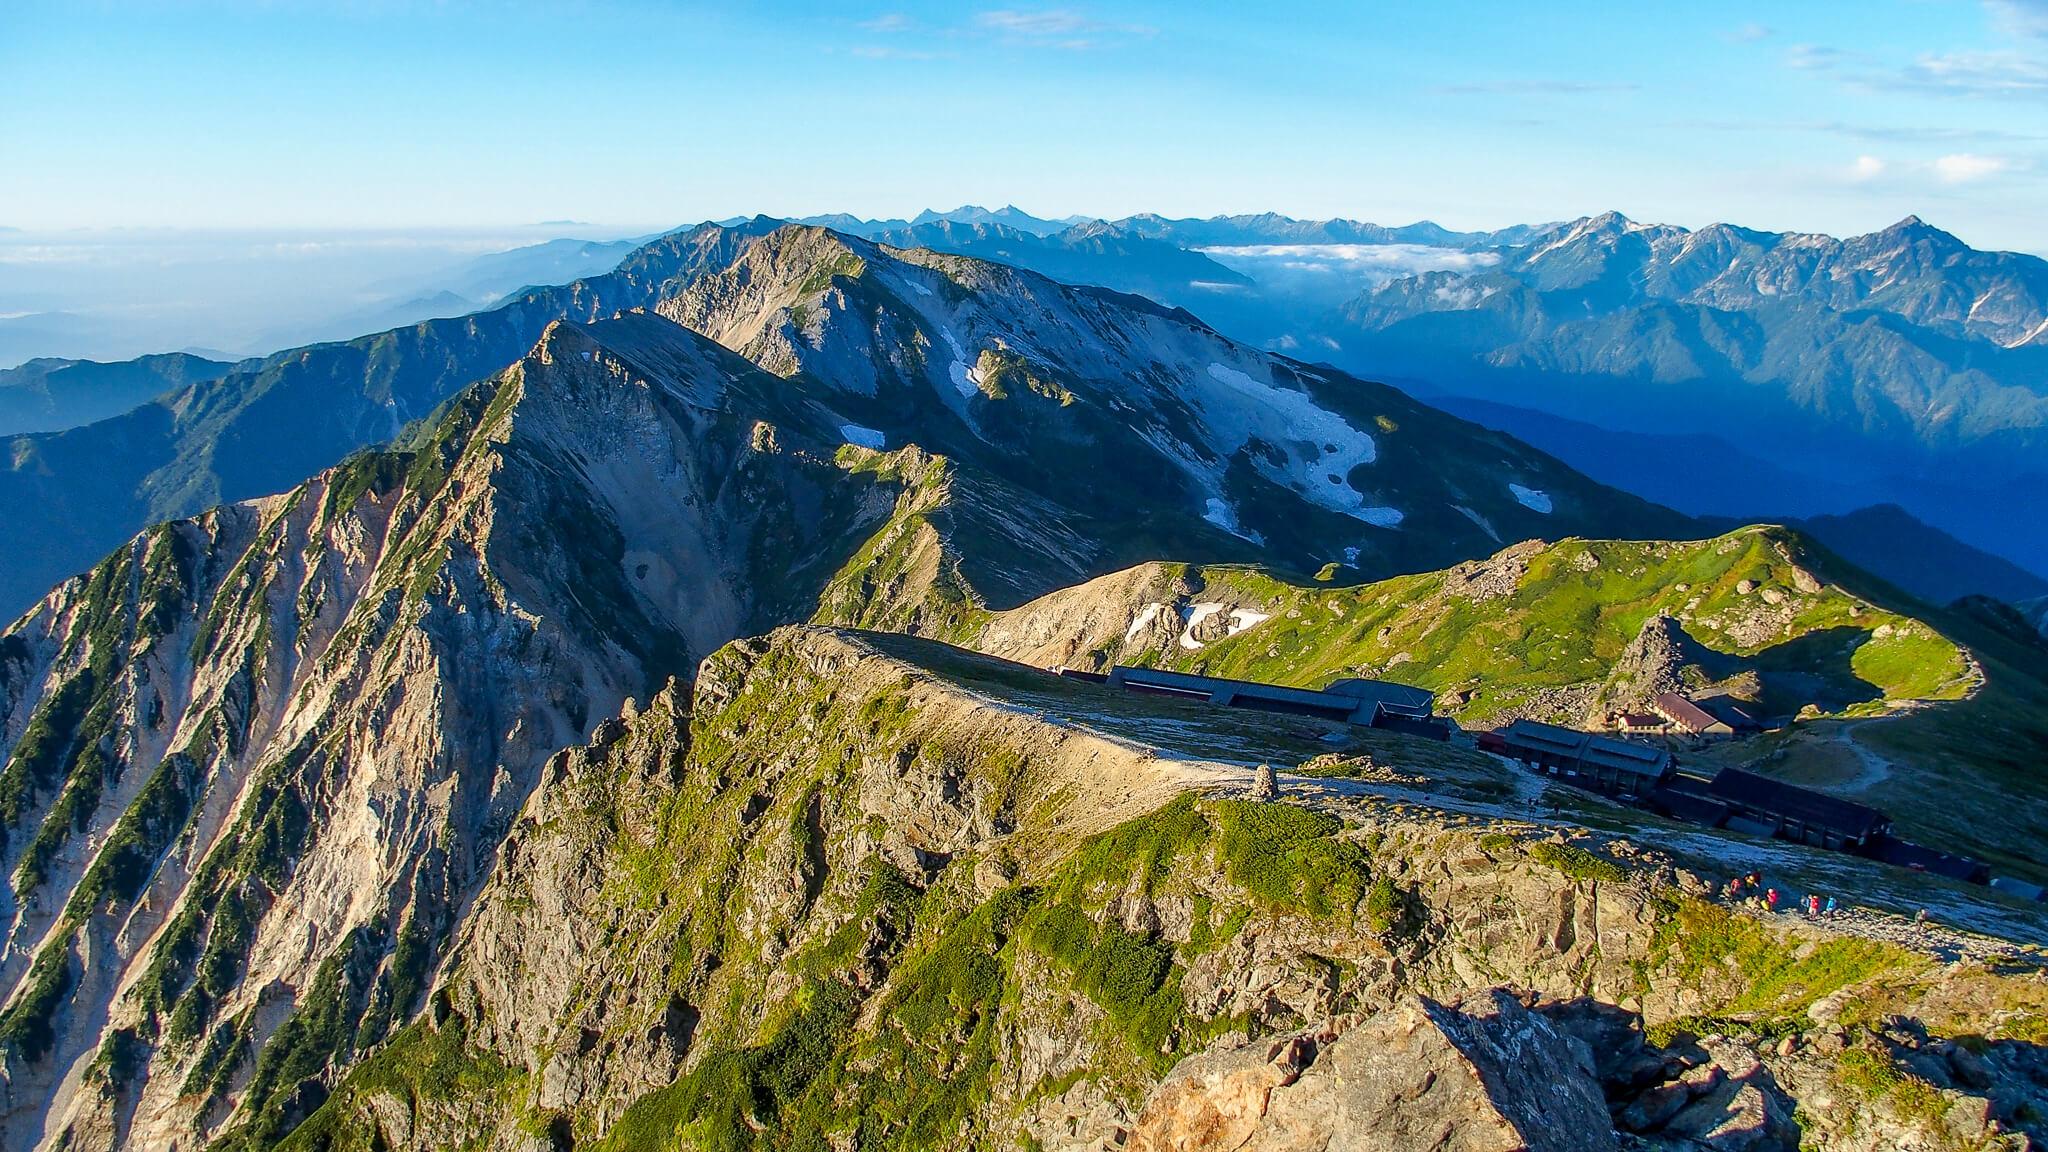 白馬岳・白馬岳山頂からの後立山連峰(左)と立山連峰(右)